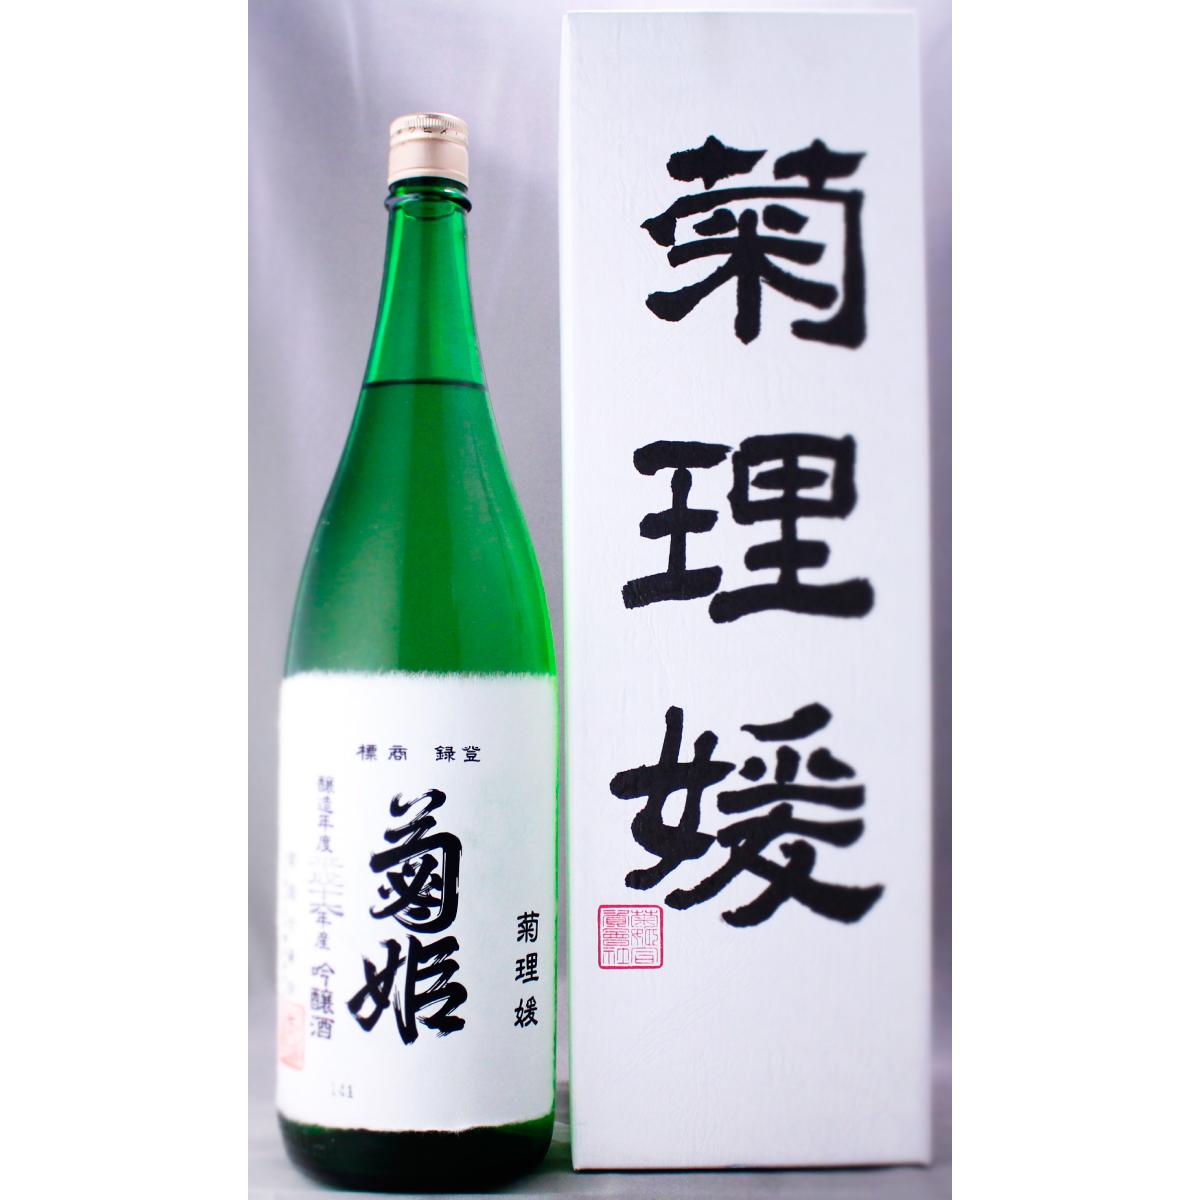 菊姫 大吟醸 菊理媛 日本酒 ギフト のし 贈答品 1800ml